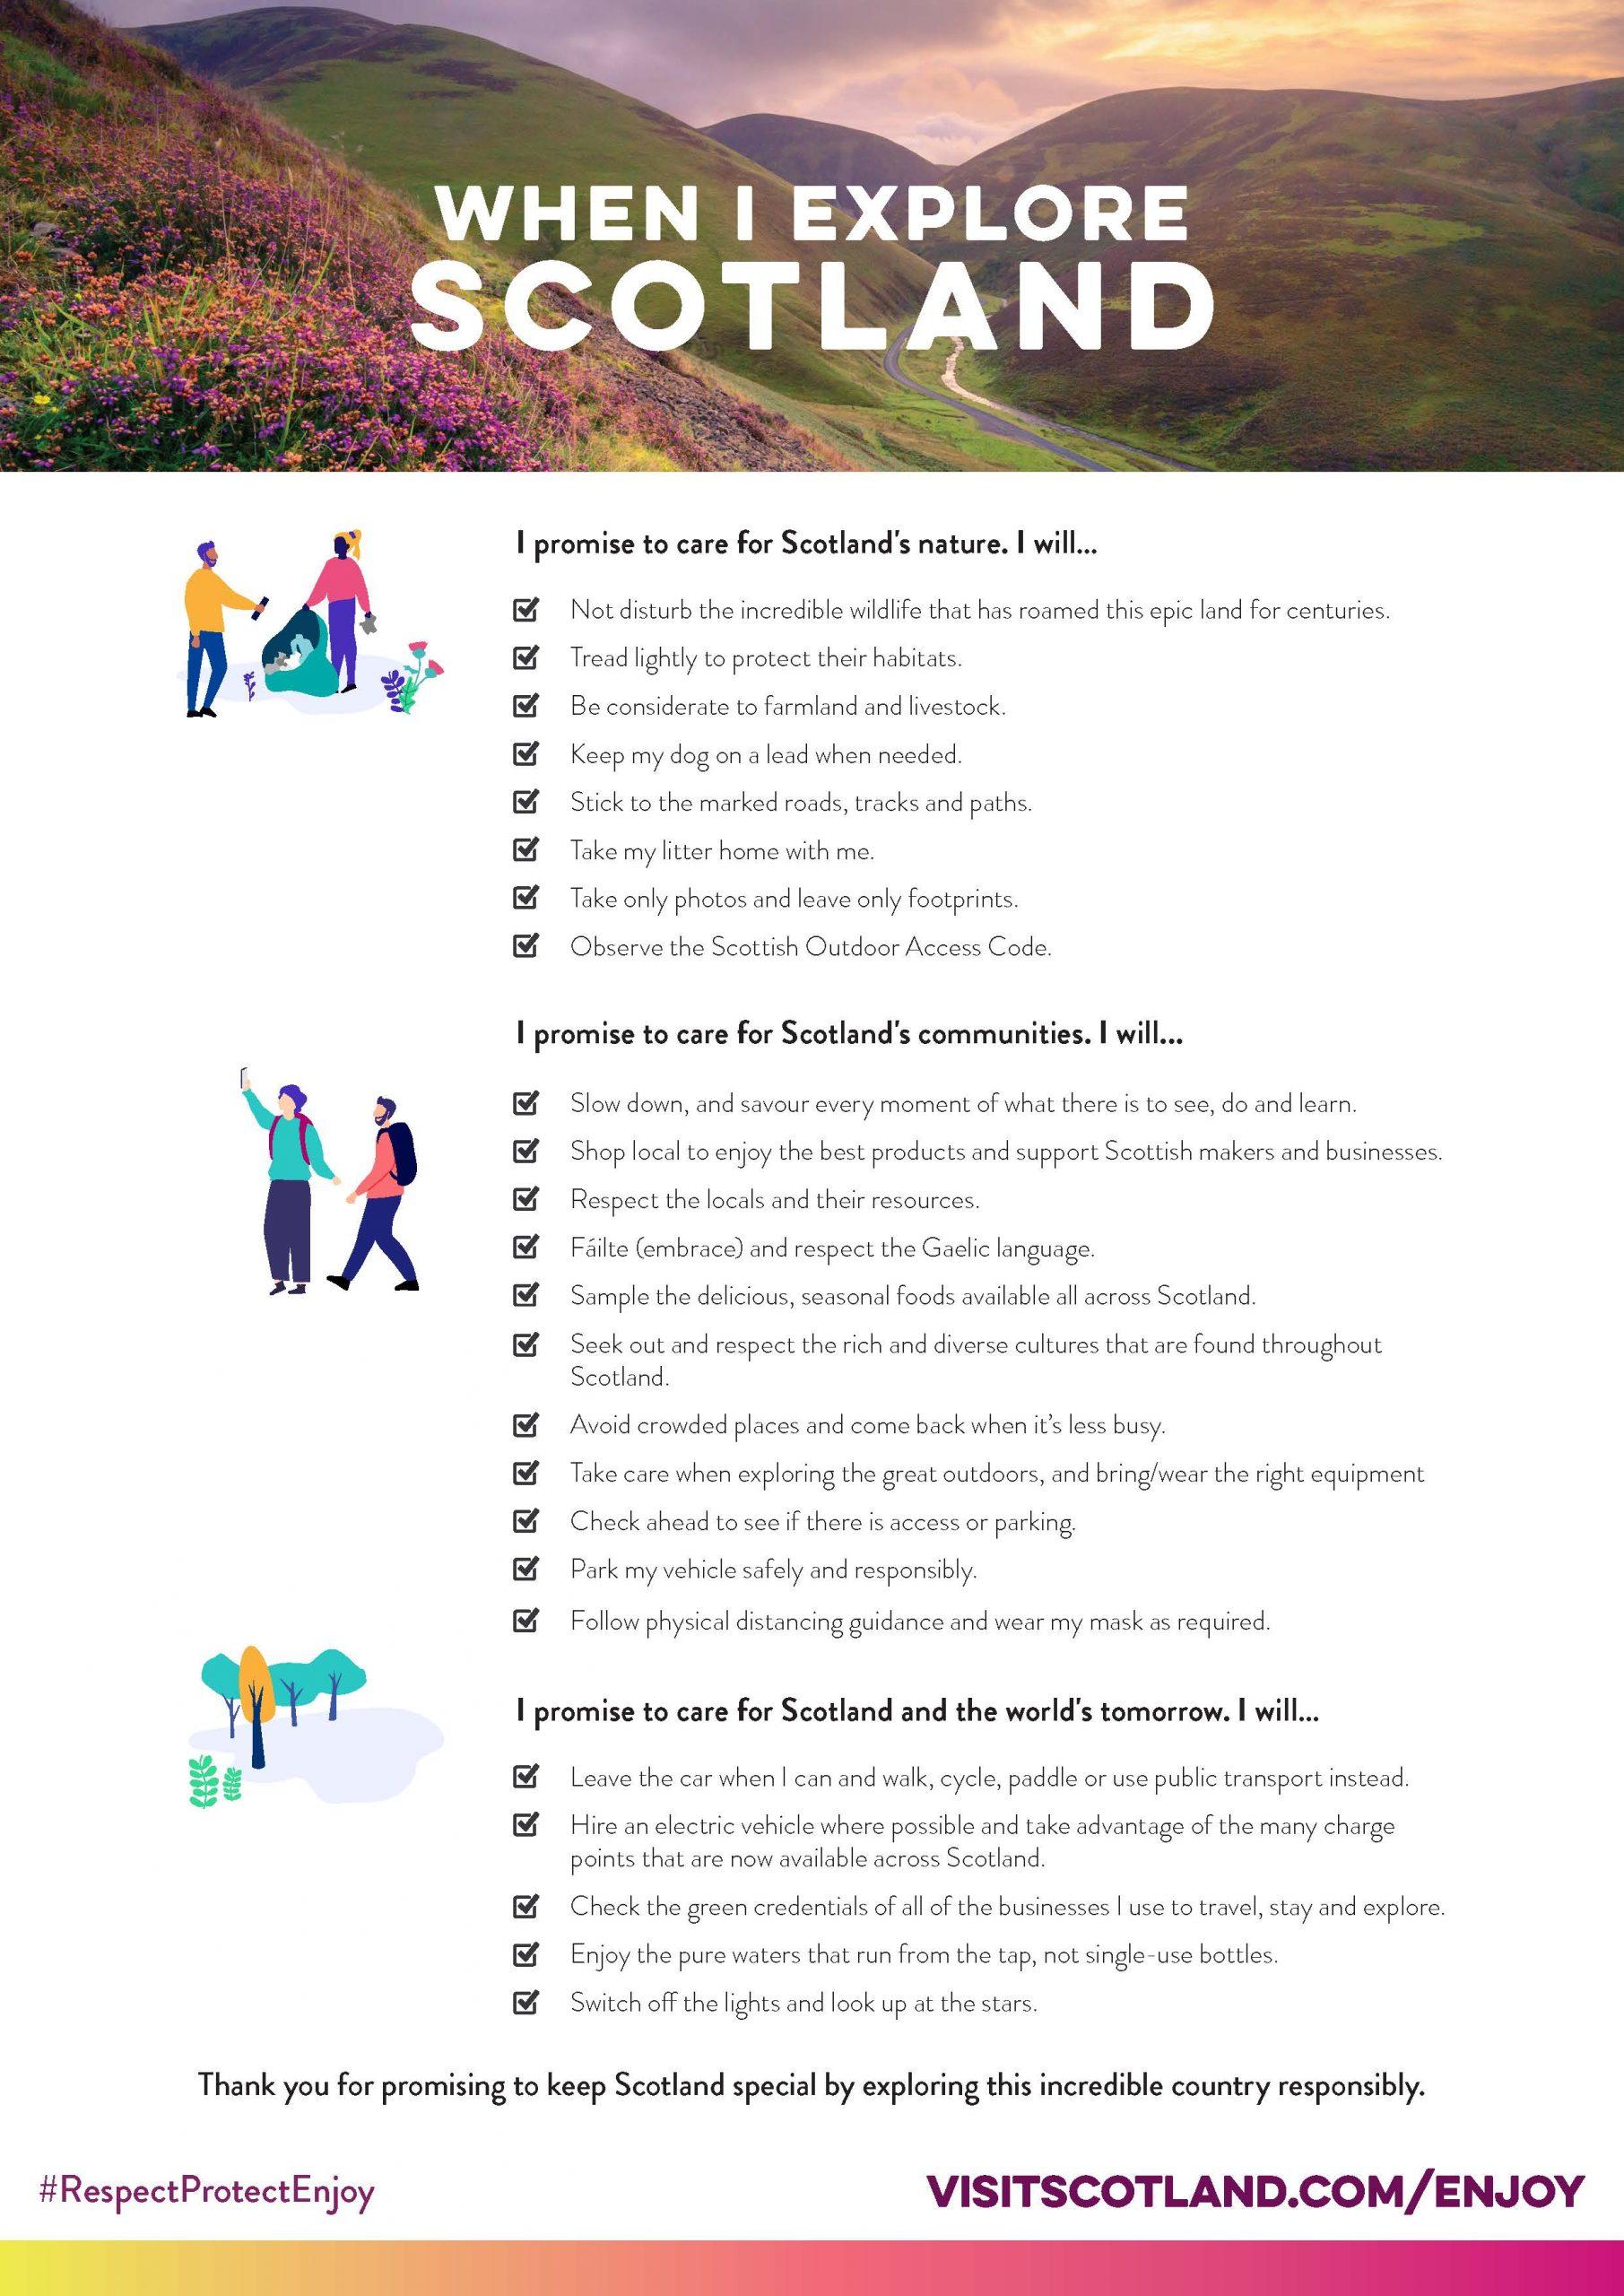 VisitScotland's Visitor Pledge